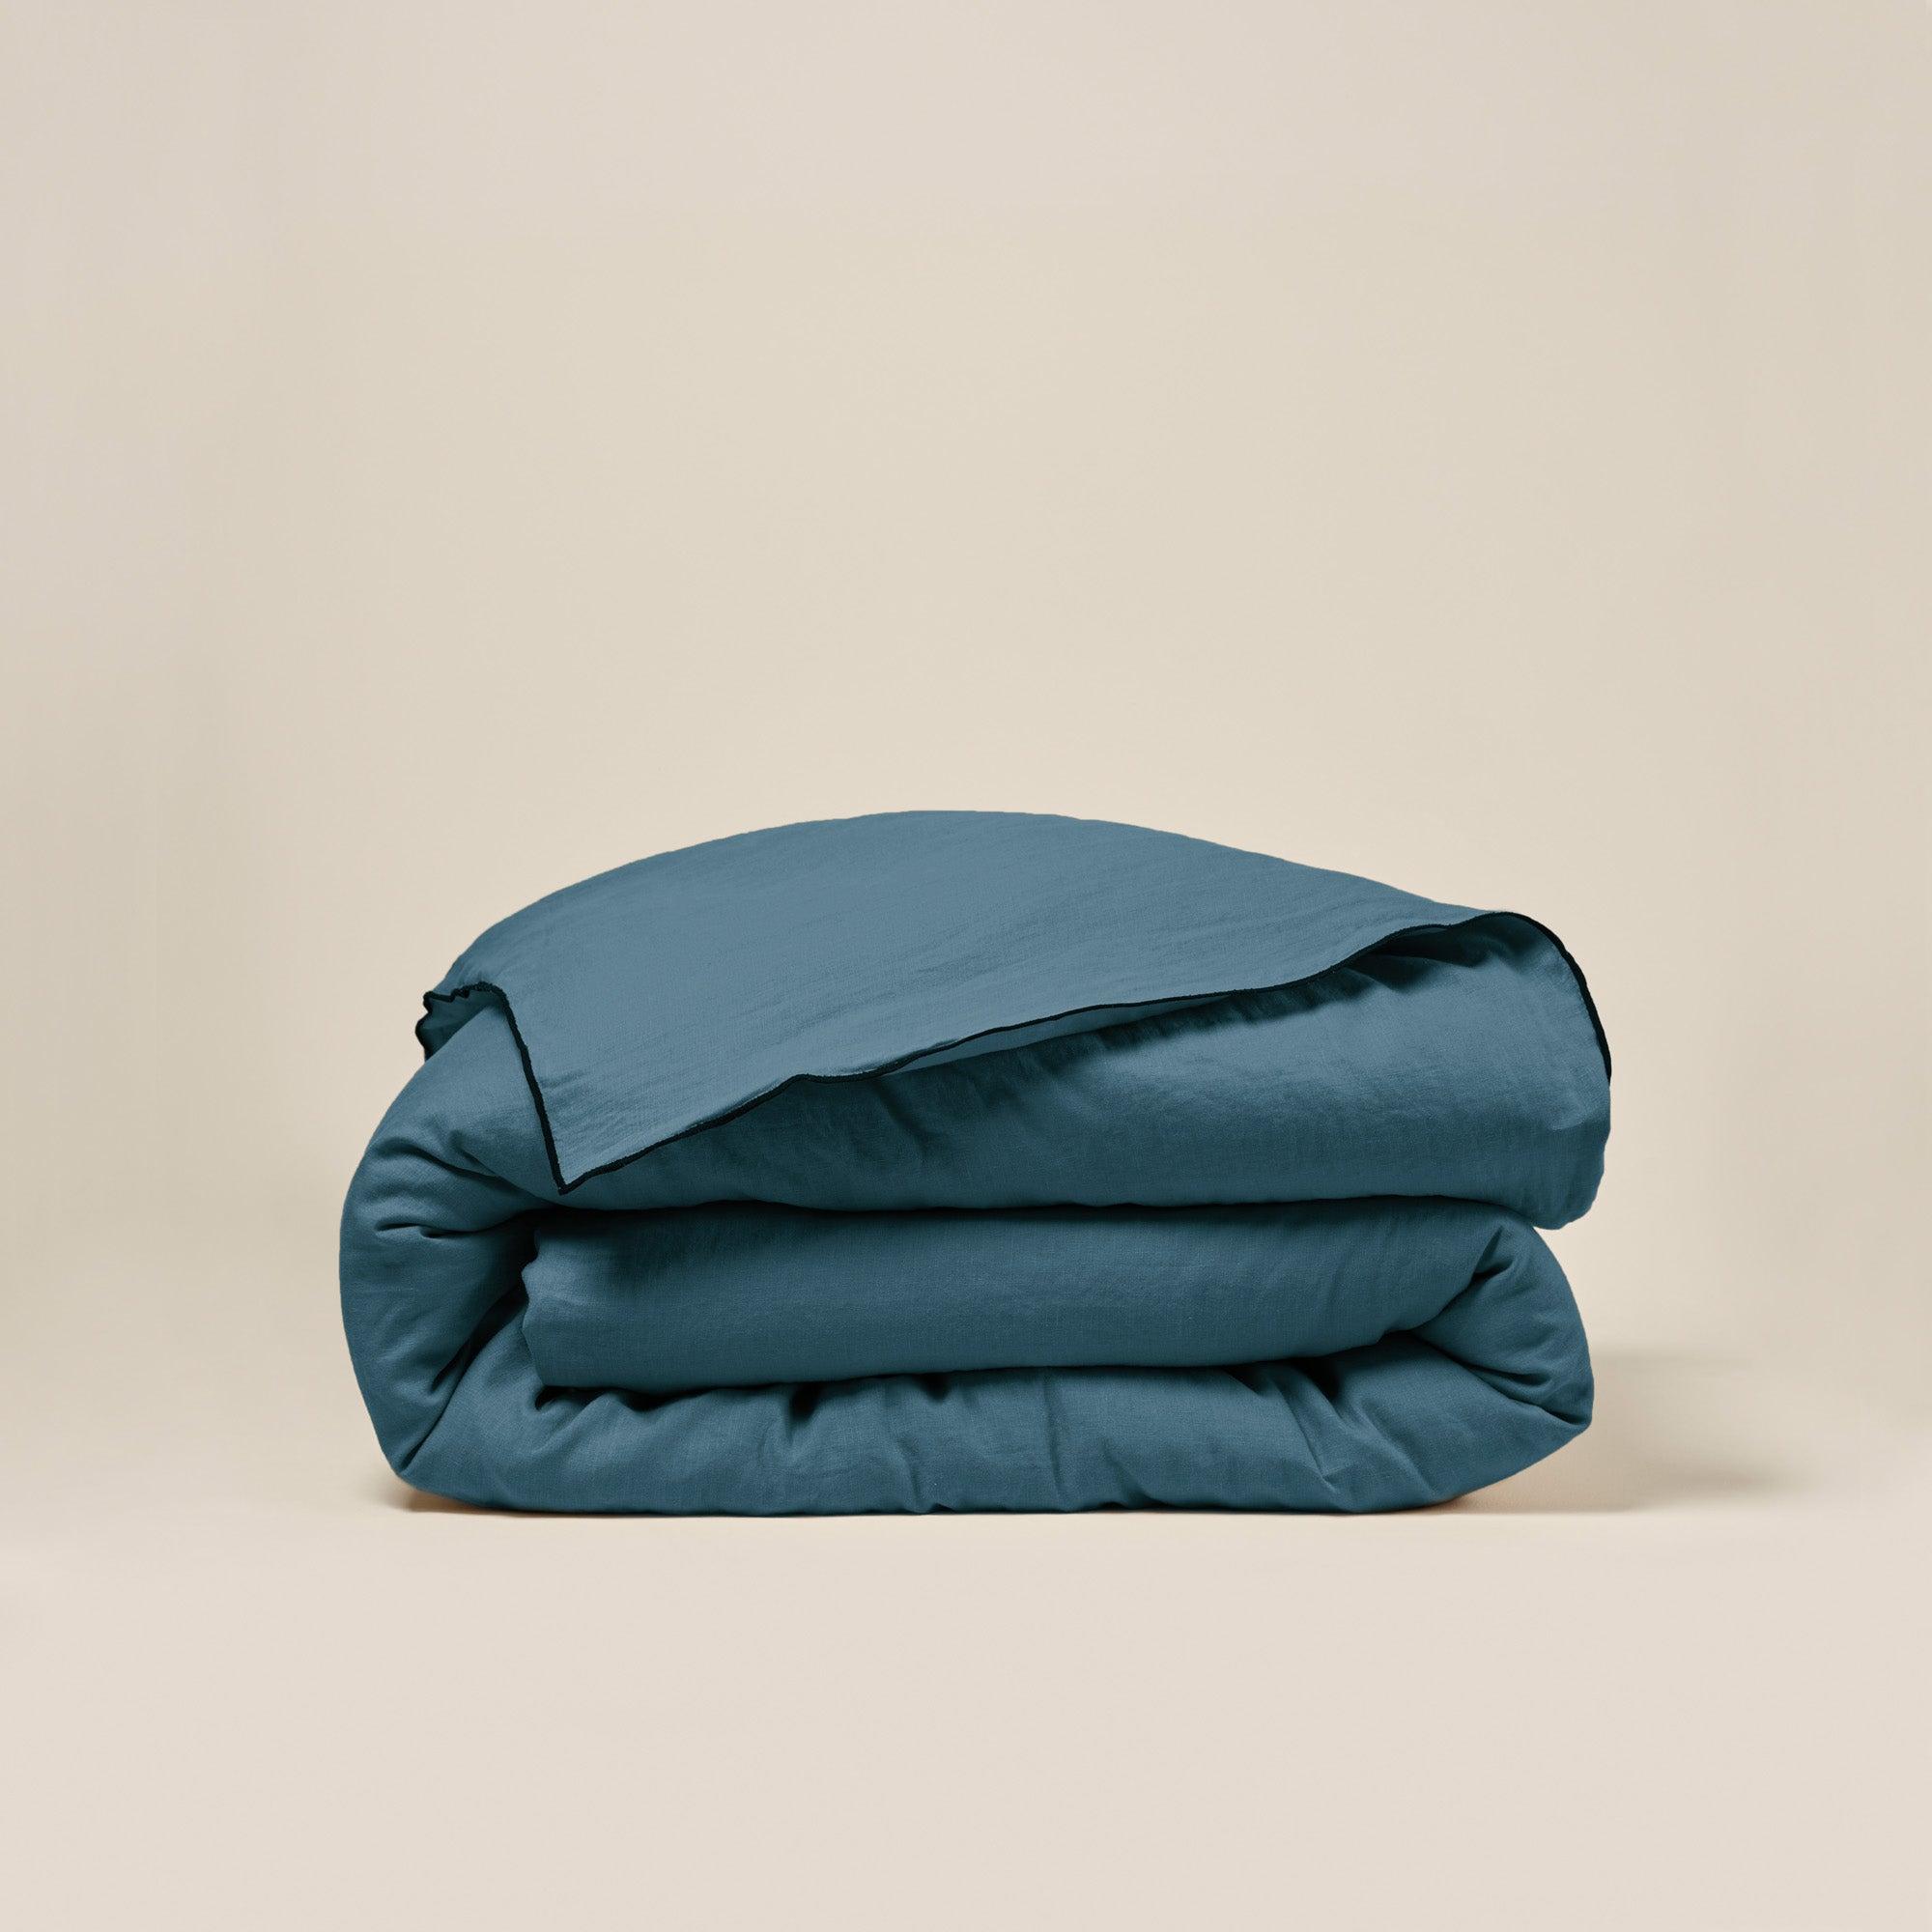 Housse de couette 140x200 cm Bleu vert et bourdon noir en Lin